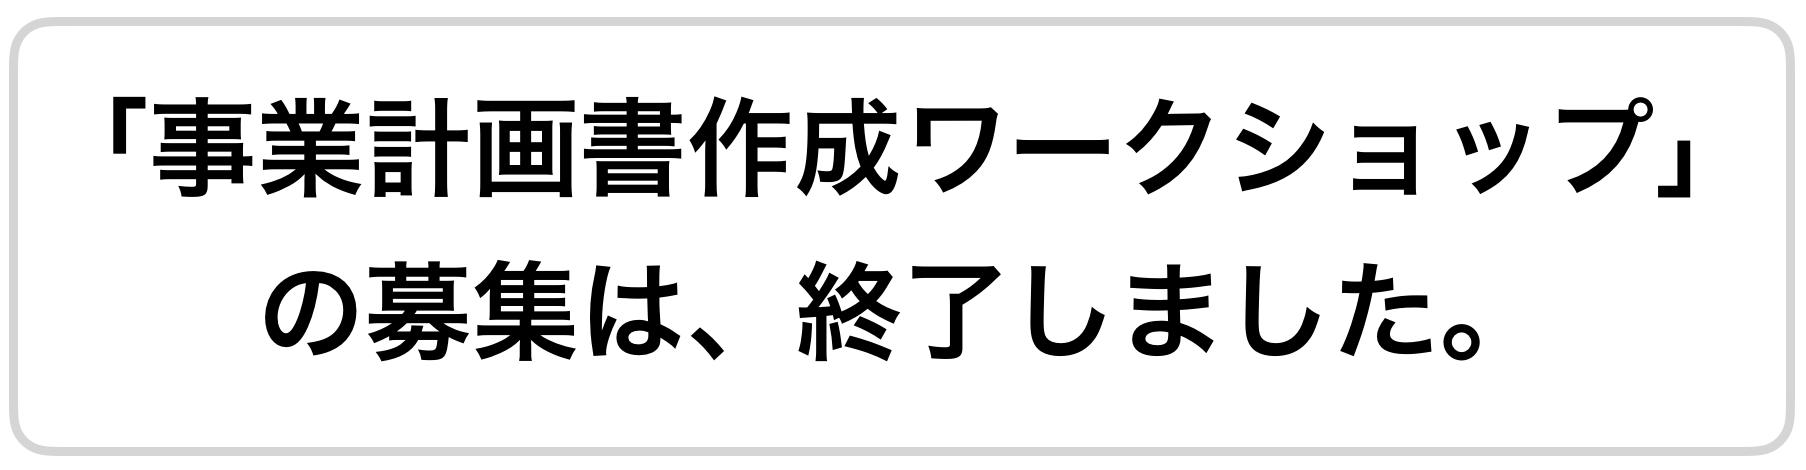 スクリーンショット 2018-01-18 18.51.36